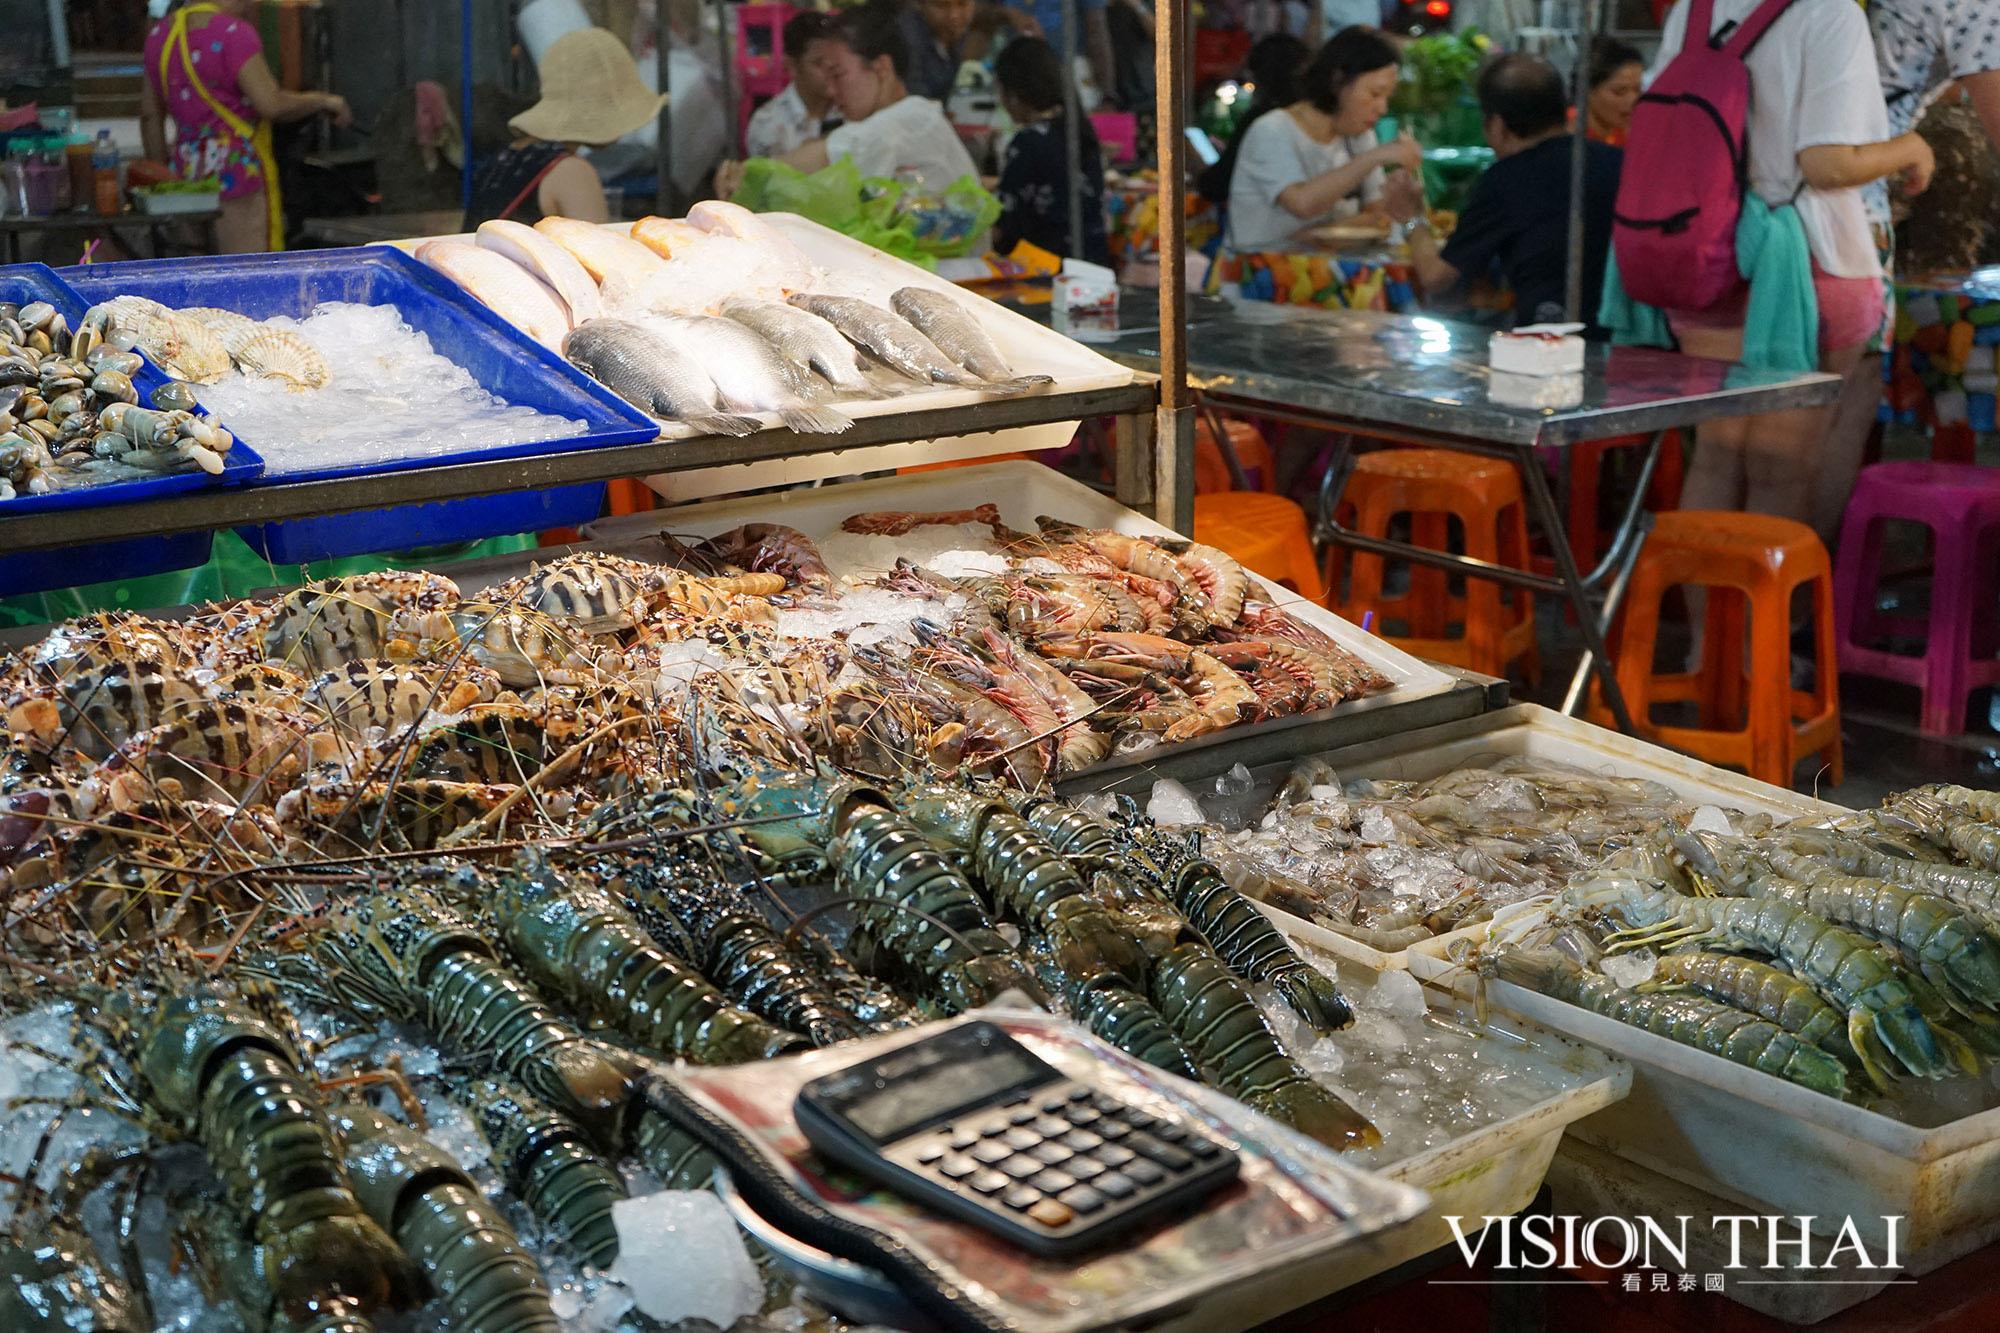 班贊生鮮市場 Banzaan Fresh Market 普吉 海鮮 普吉 海產 普吉 班贊生鮮市場